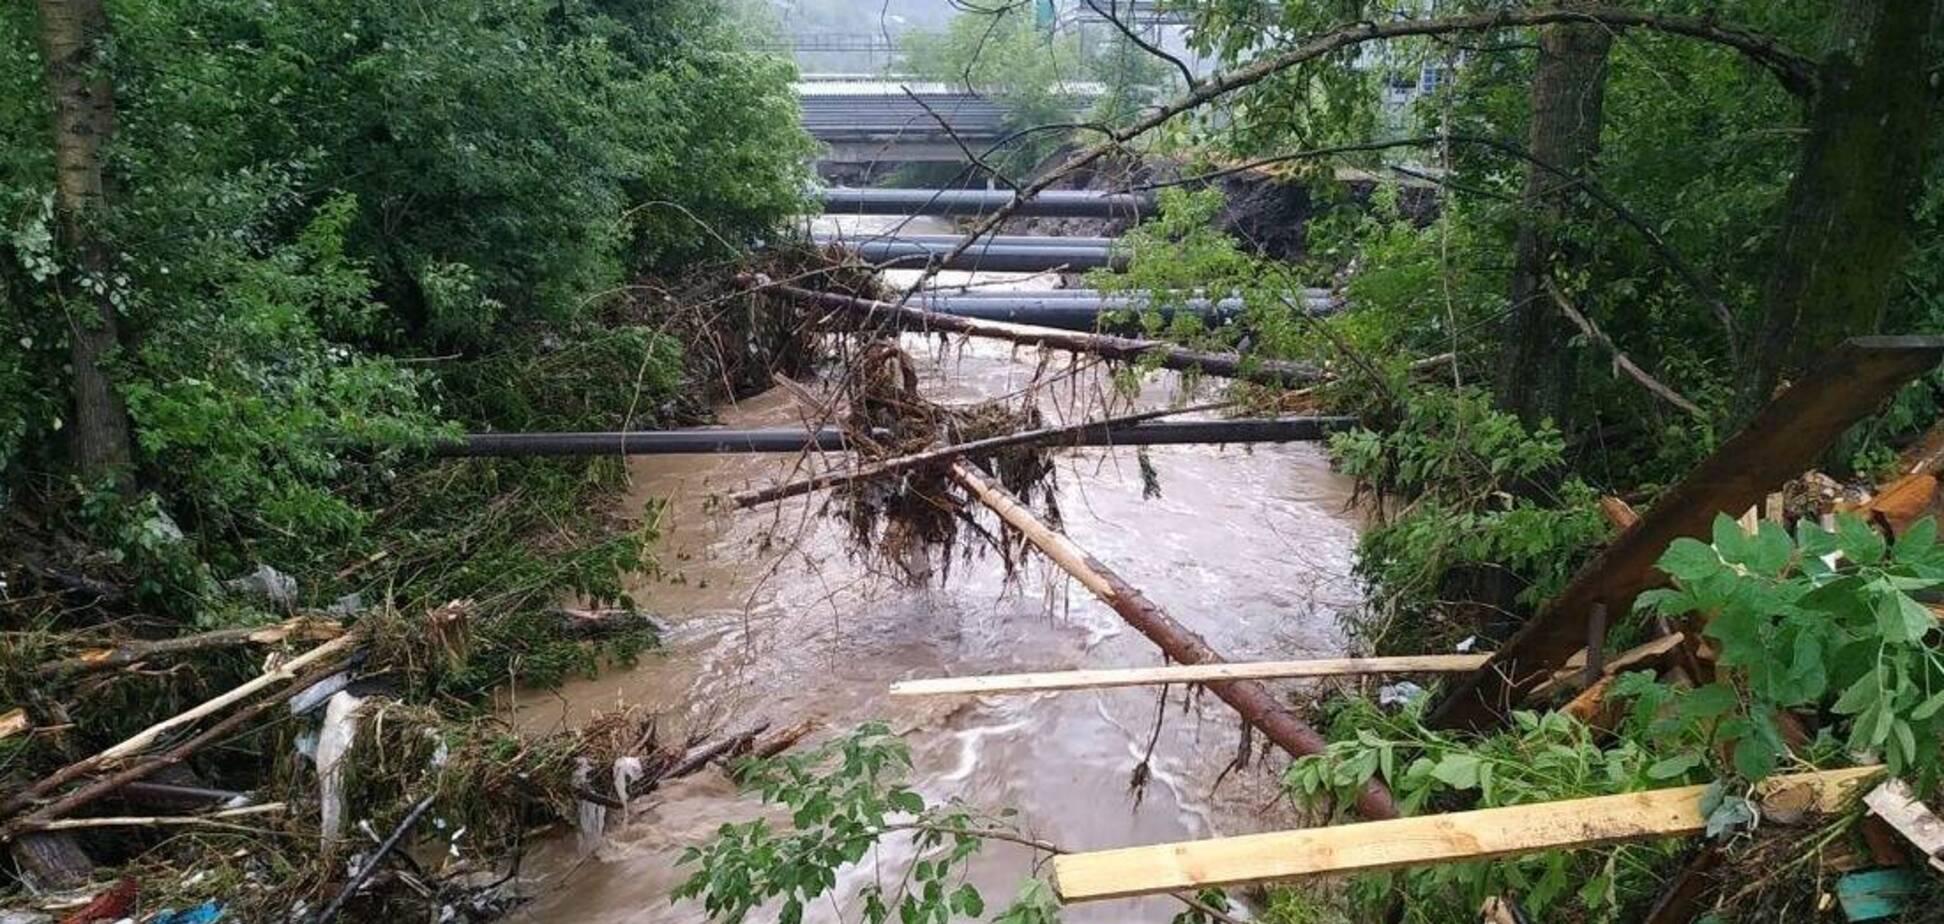 В России затопило целый город: вода уничтожила дороги и мосты. Фото и видео